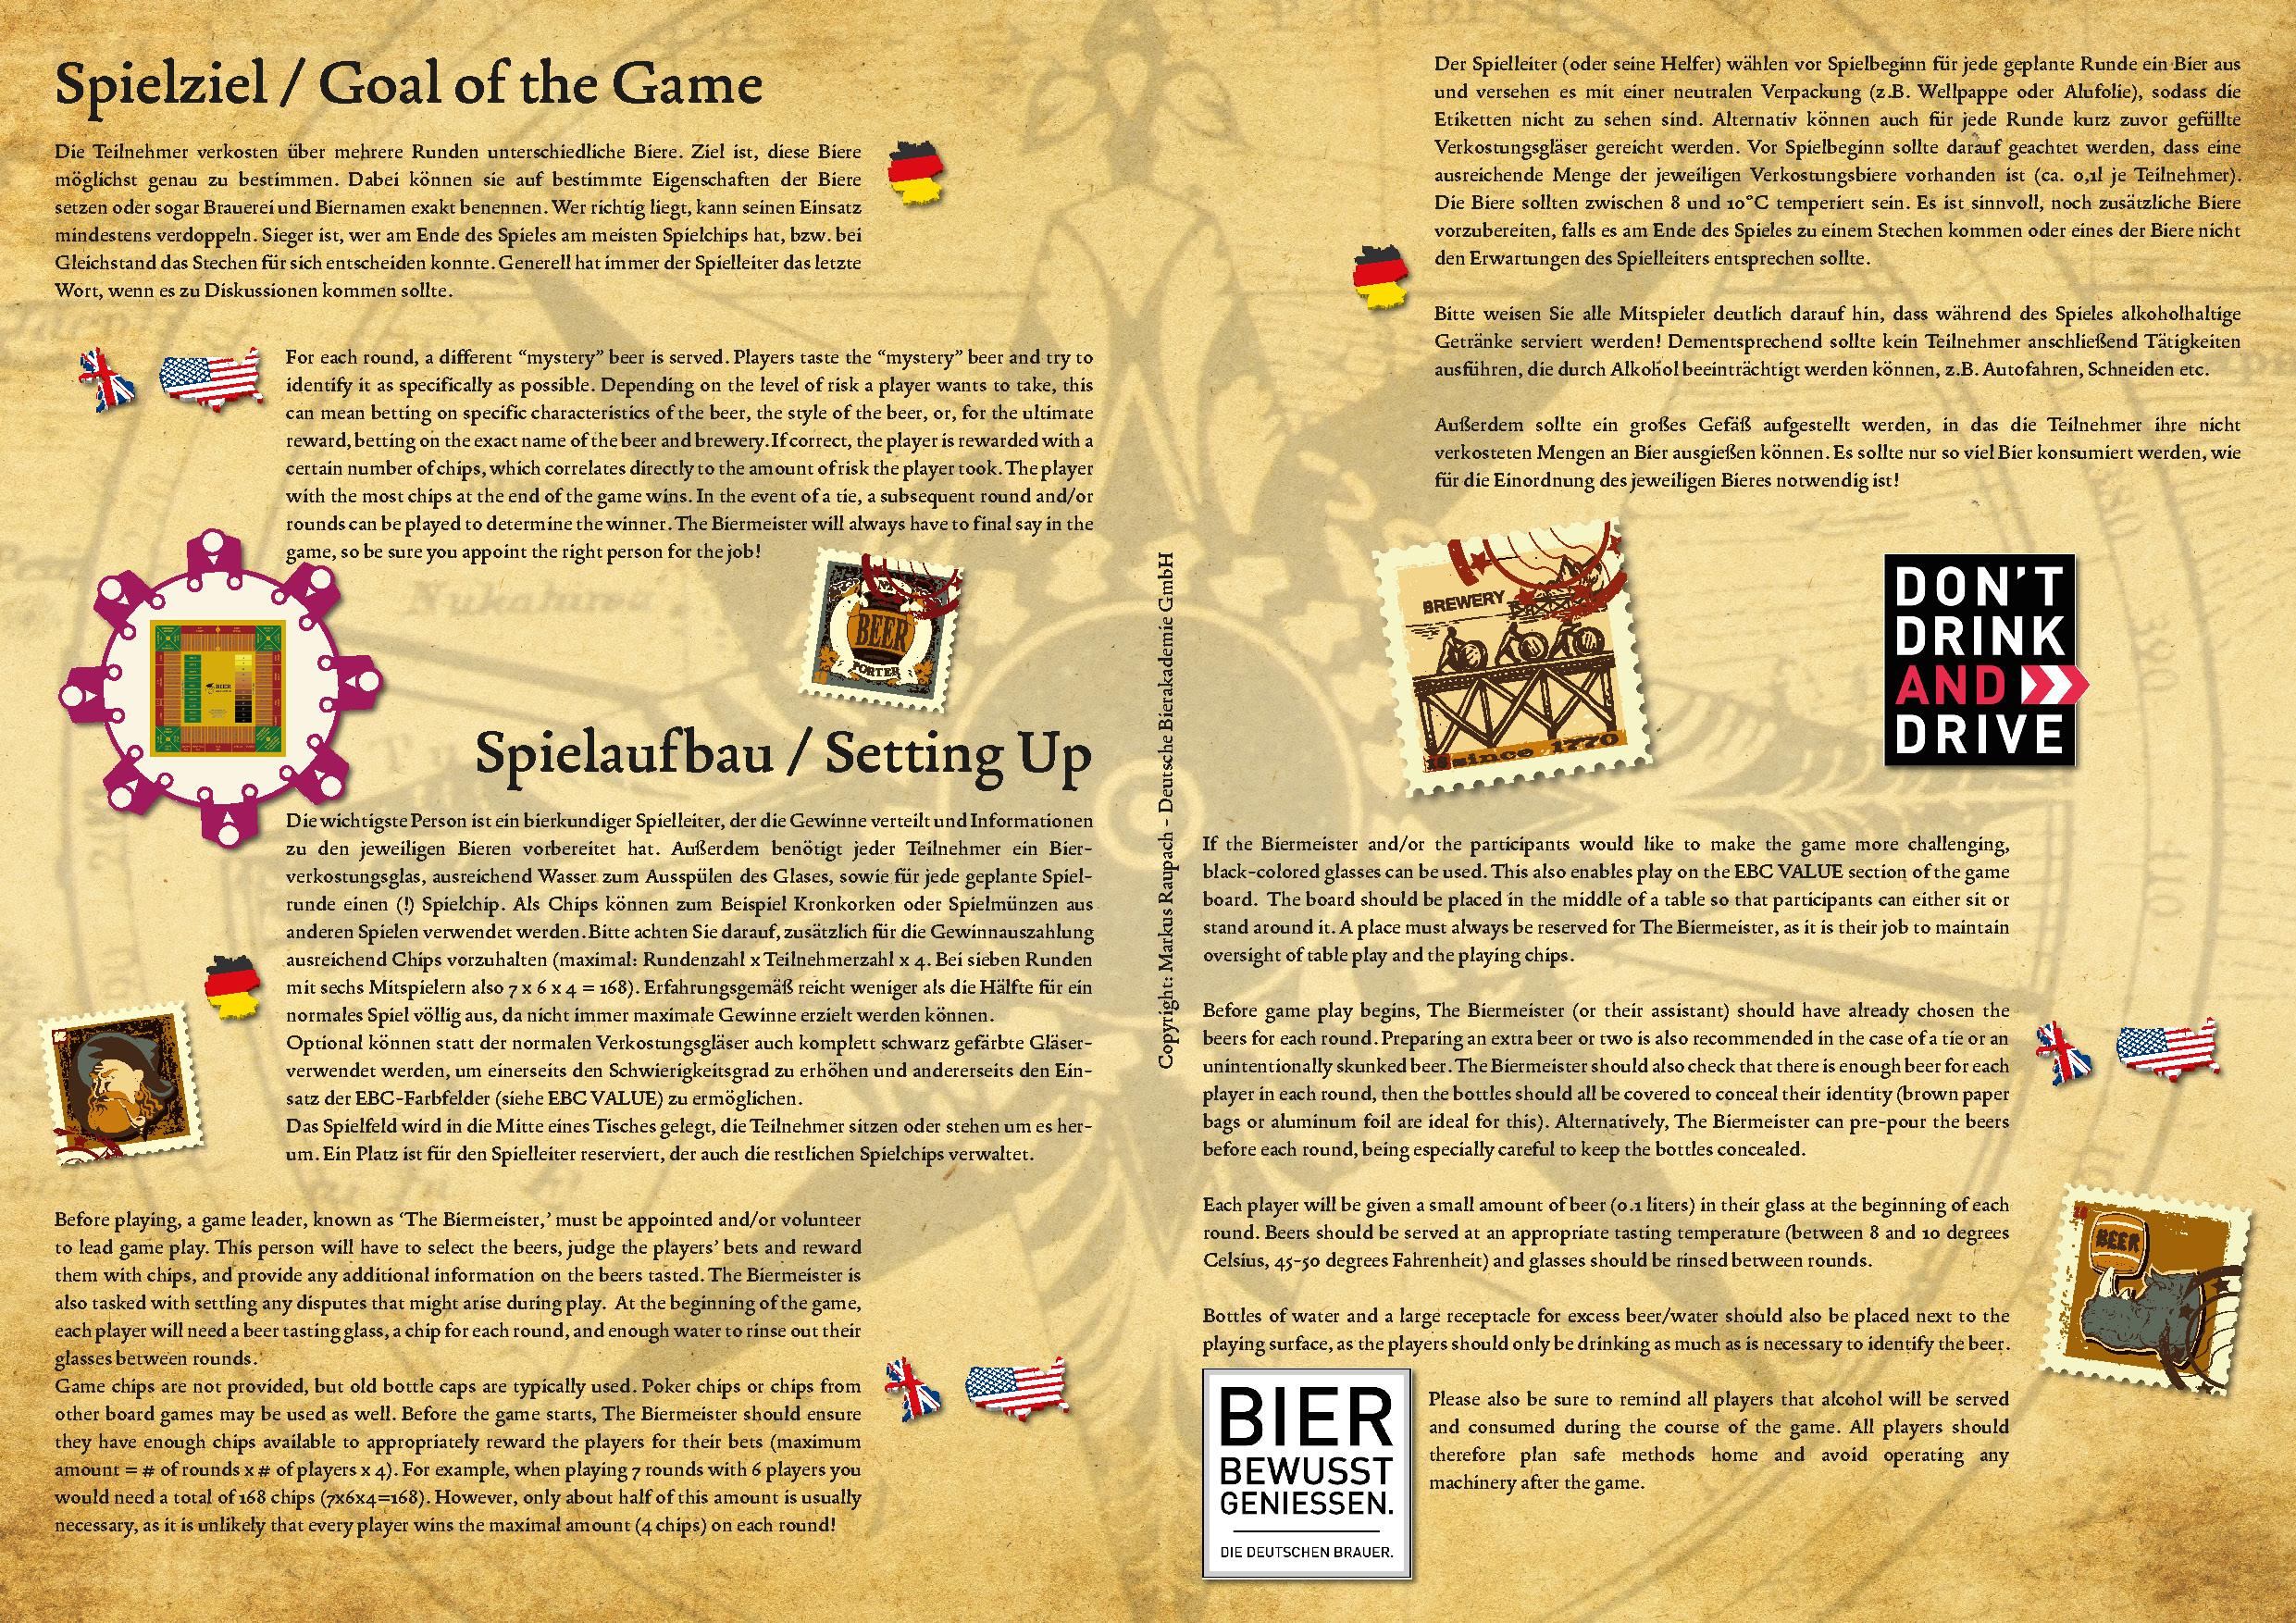 biersommelierspiel-anleitung-web_Seite_2.jpg